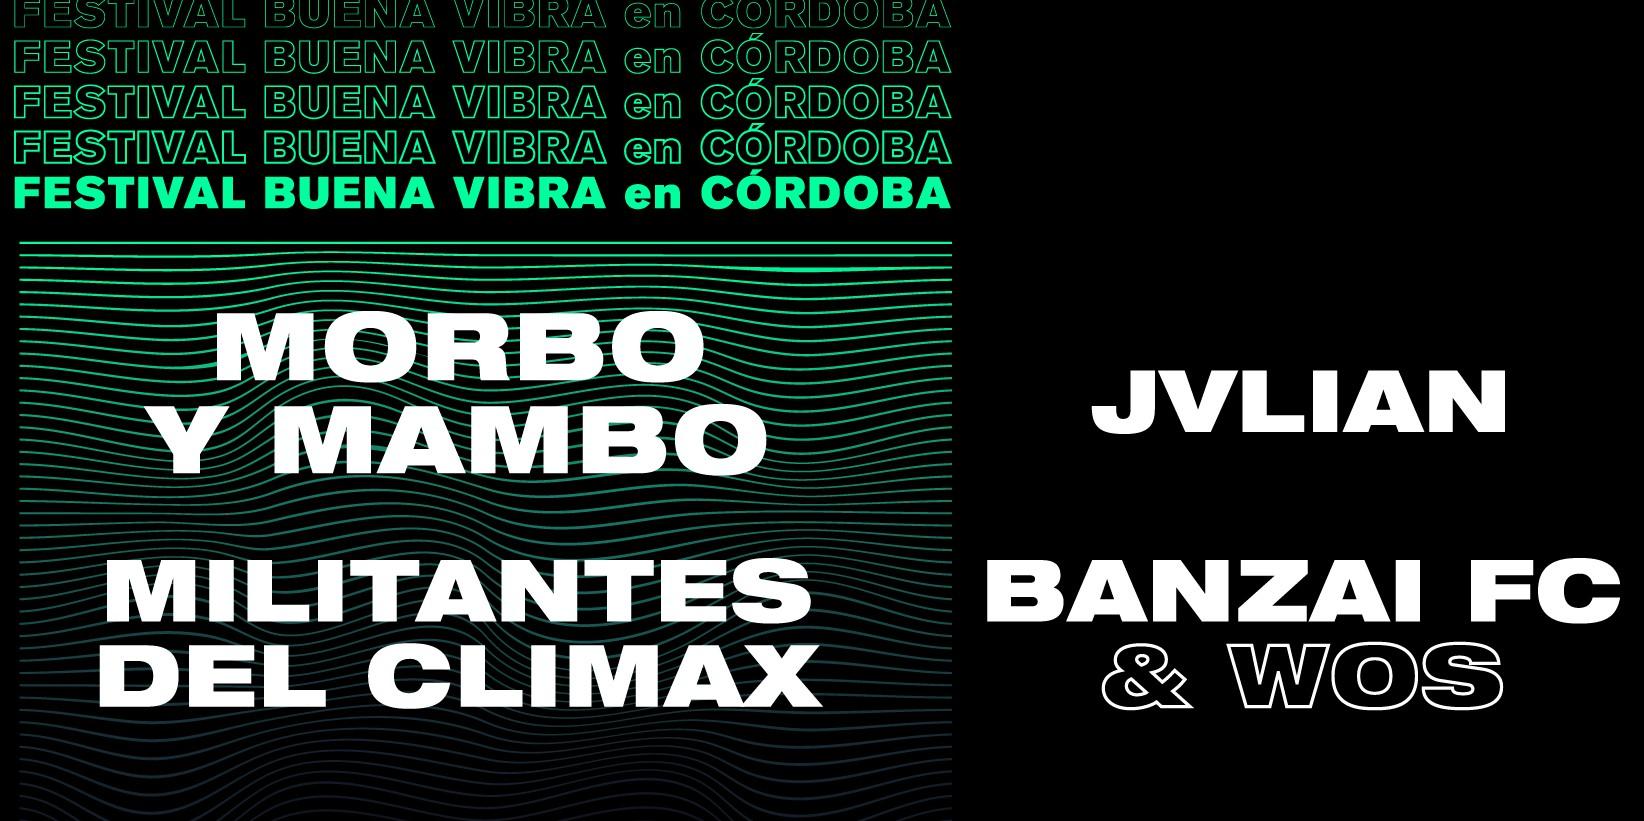 El Festival Buena Vibra en Córdoba